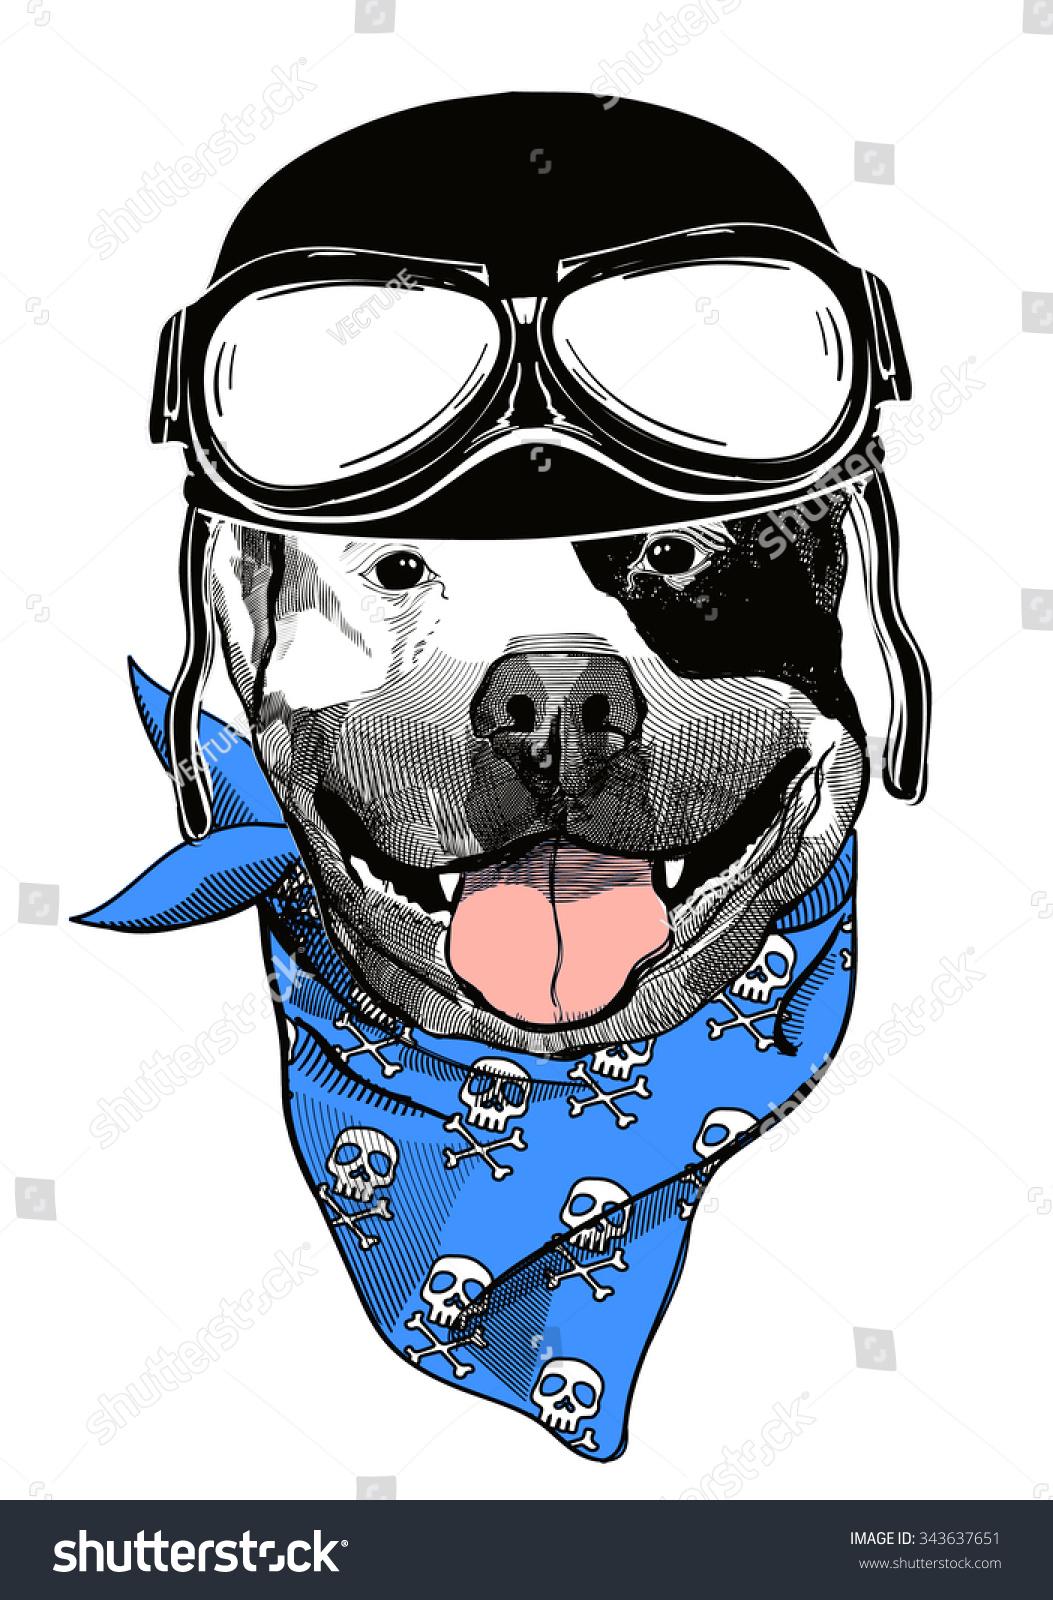 动物创意设计海报